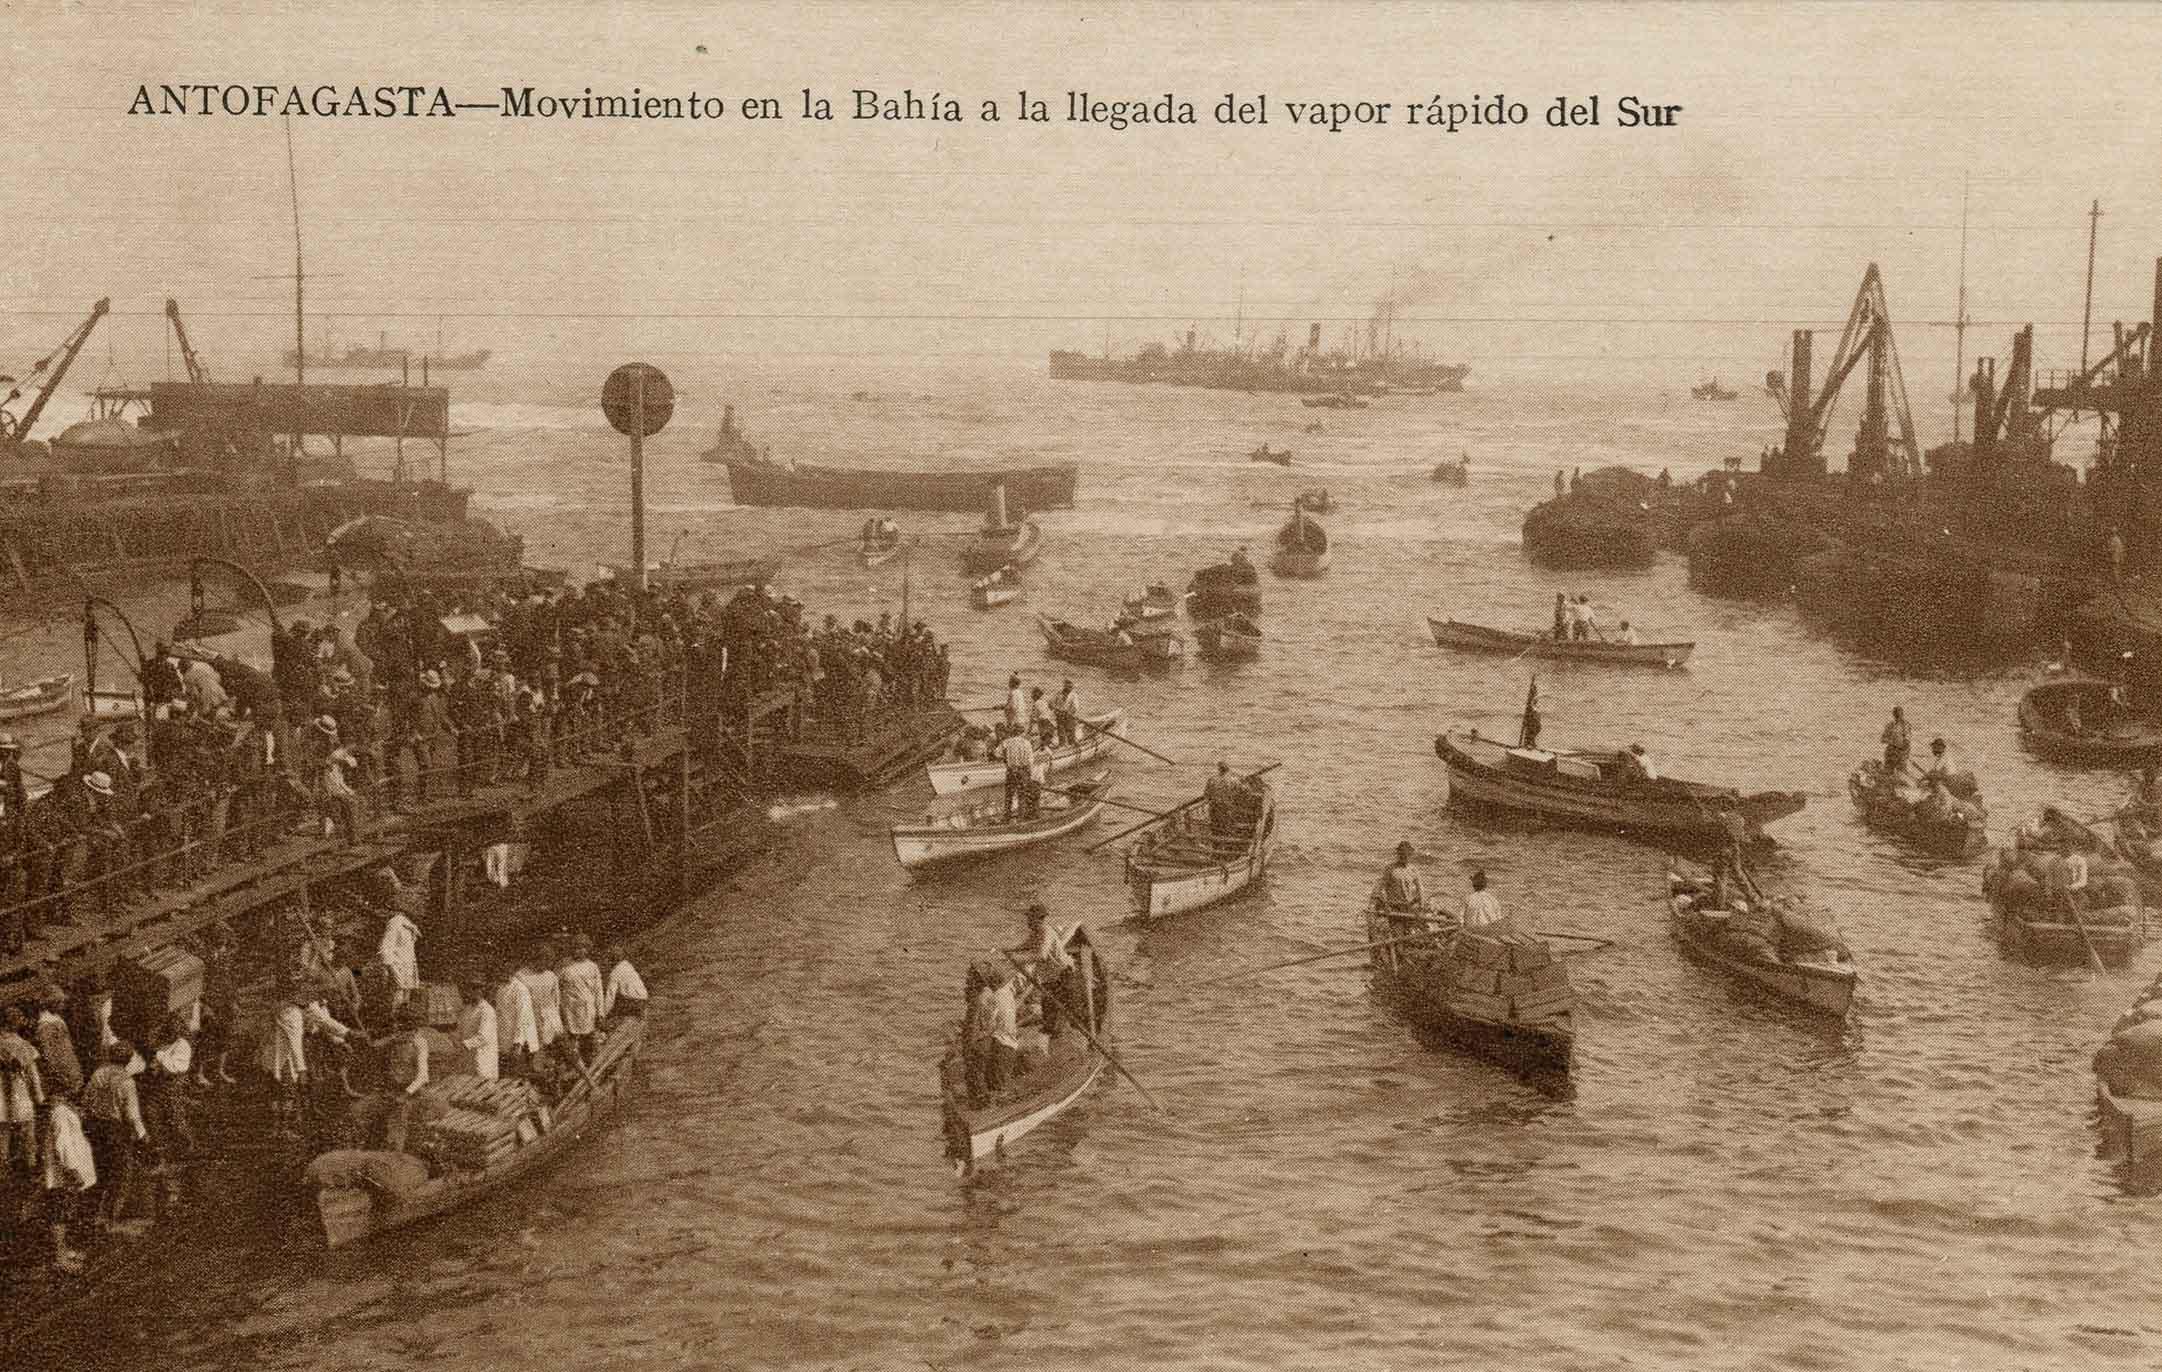 Enterreno - Fotos históricas de chile - fotos antiguas de Chile - Puerto de ntofagasta ca. 1910